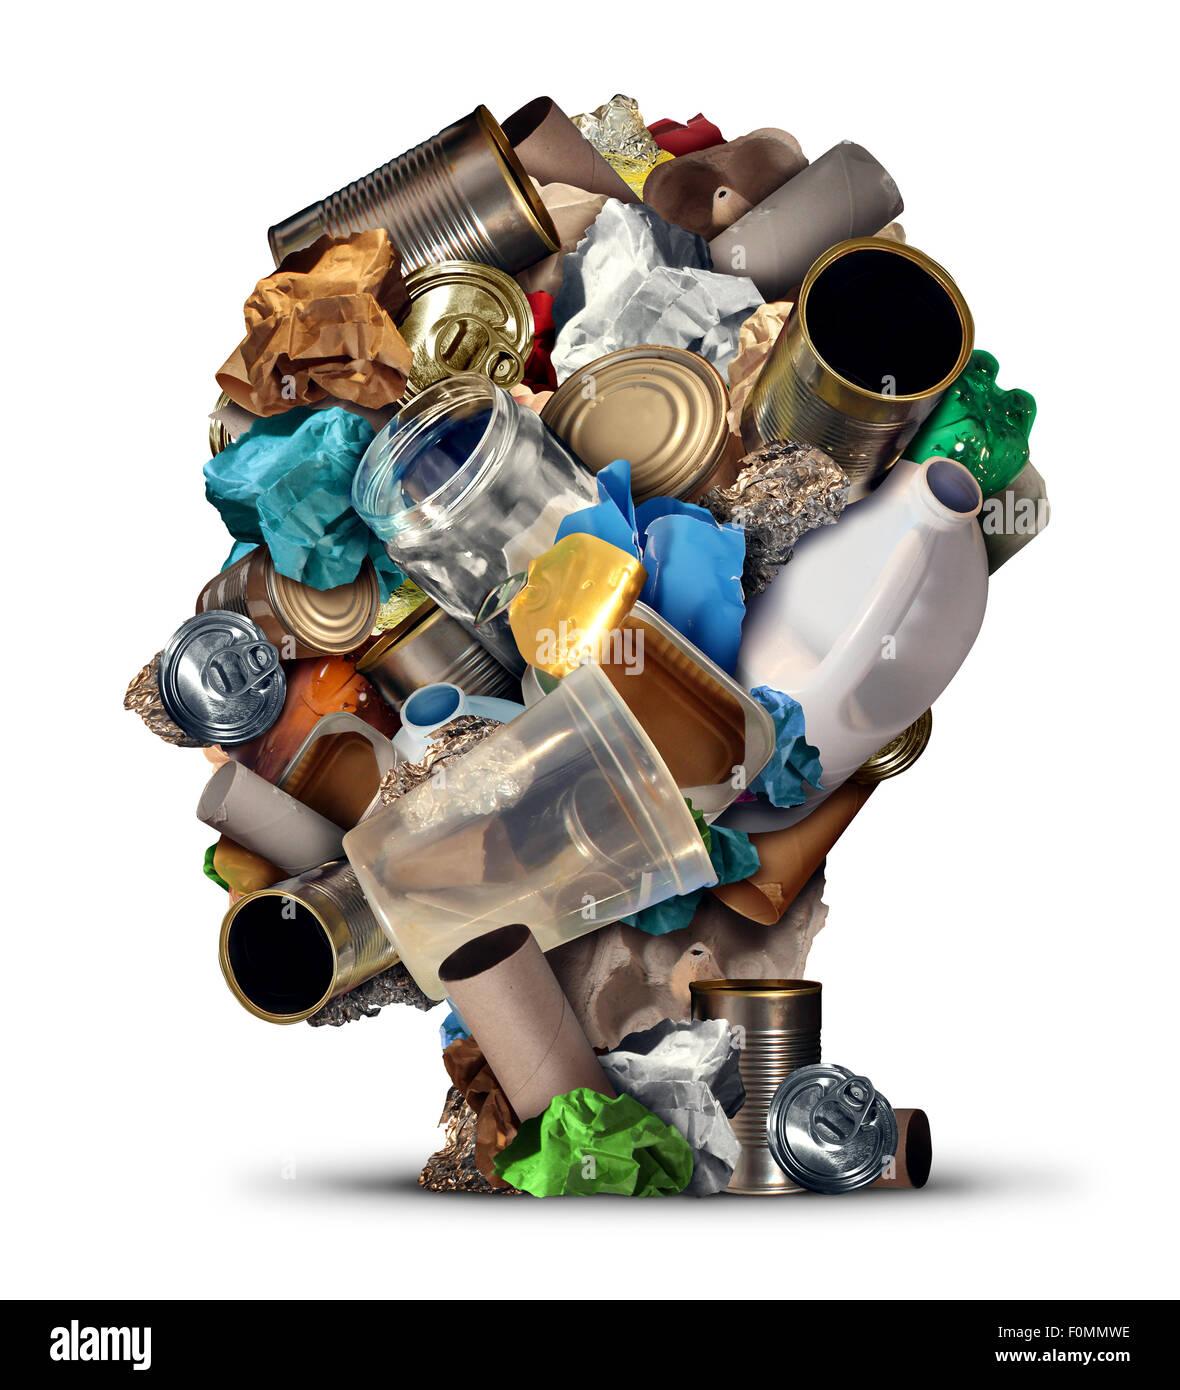 Reciclar ideas y soluciones de gestión de basuras ambientales y formas creativas para reutilizar los residuos Imagen De Stock